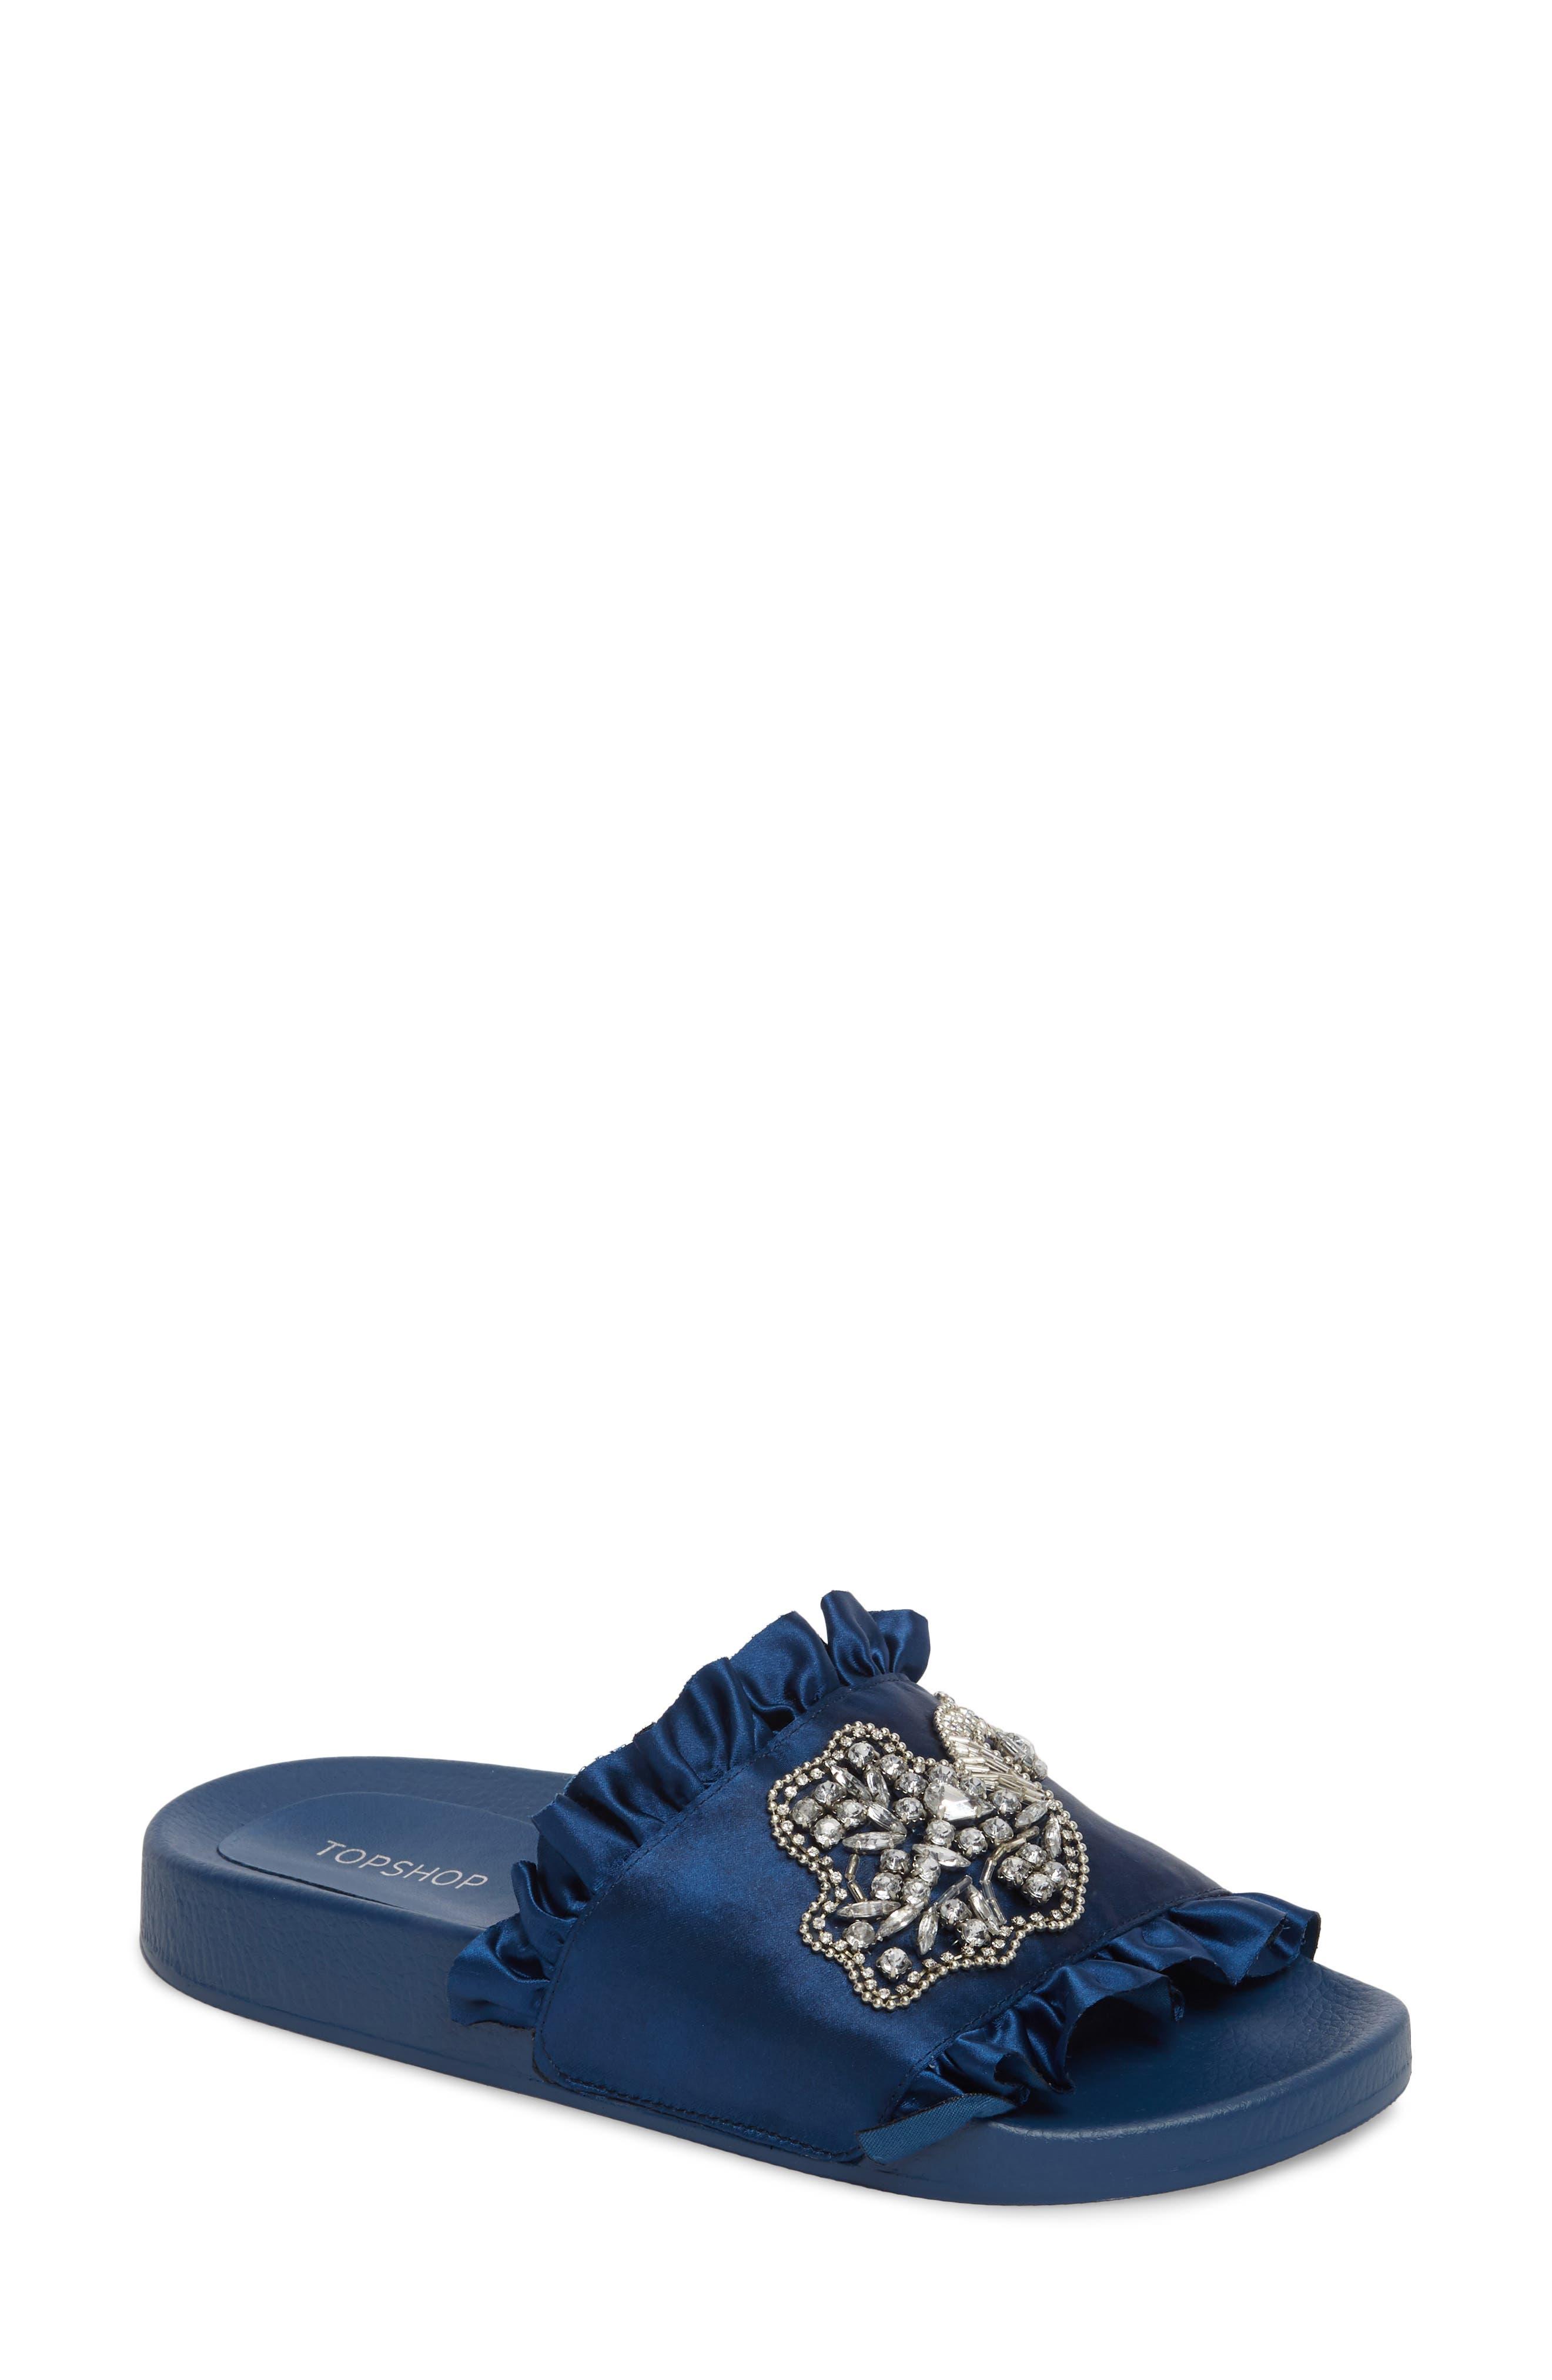 Topshop Hermione Peacock Embellished Slide Sandal (Women)